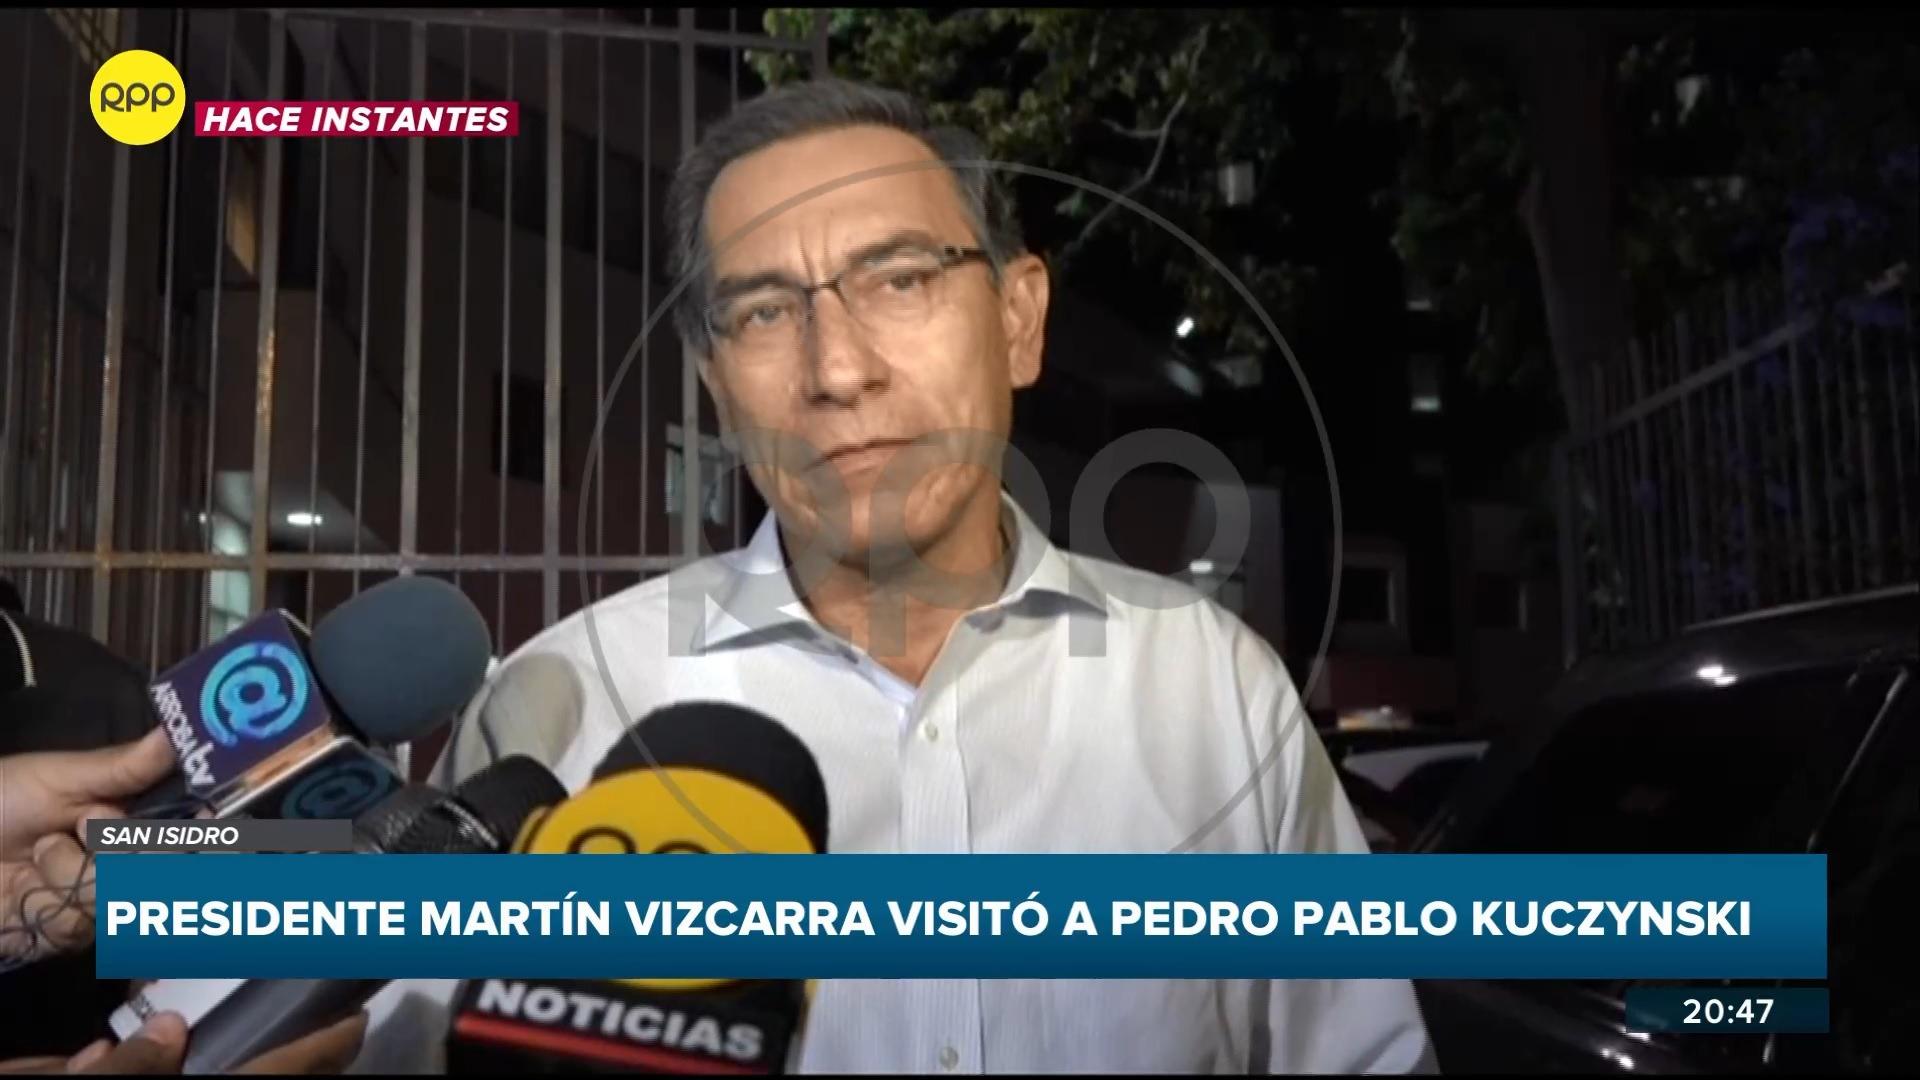 El mandatario llegó a la clínica de San Isidro donde está internado Kuczynski.